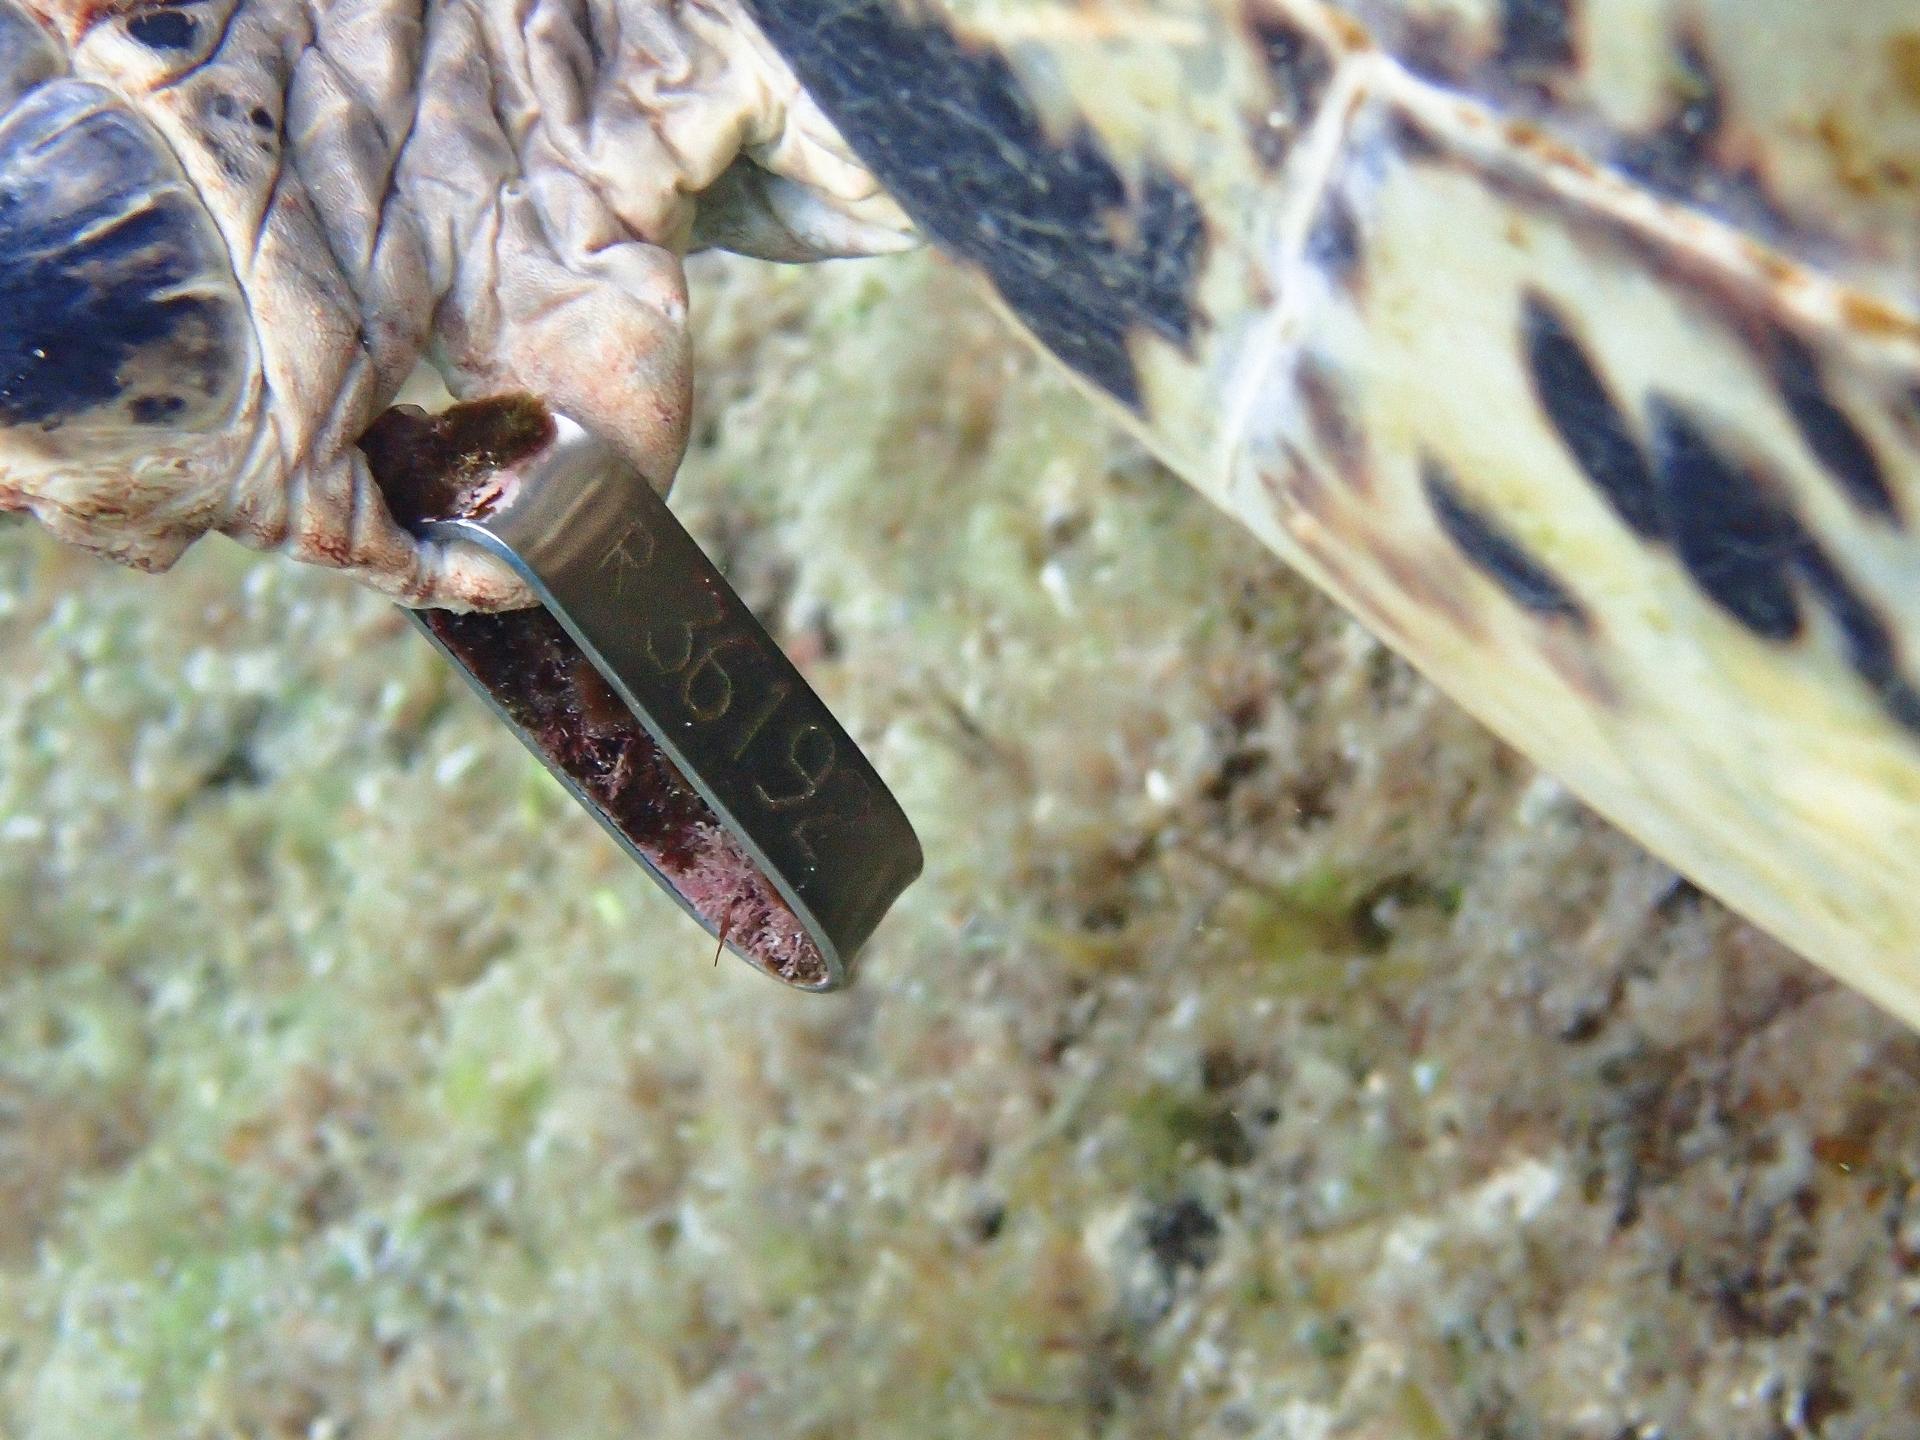 左前肢金屬標籤上的號碼「R36192」。攝影:蘇淮